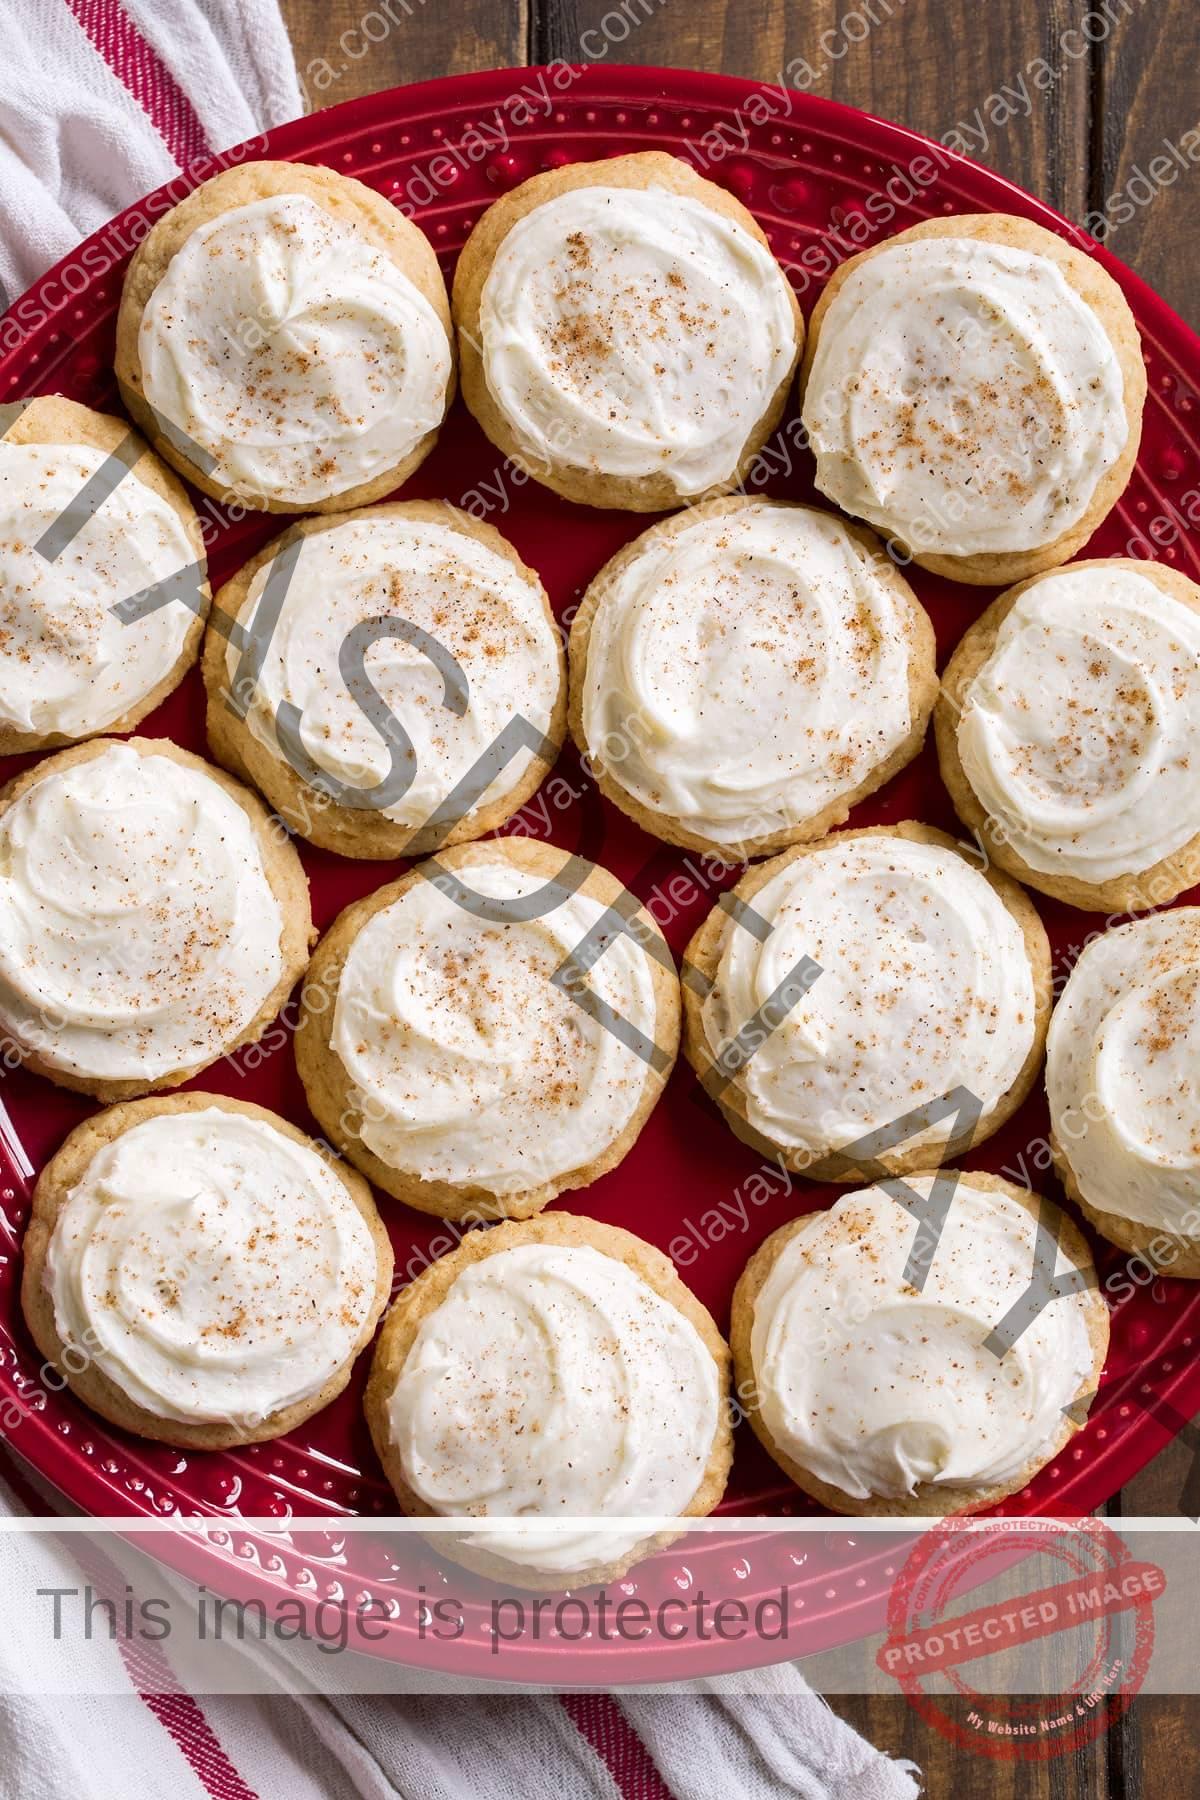 Plato rojo lleno de 14 galletas de ponche de huevo congeladas.